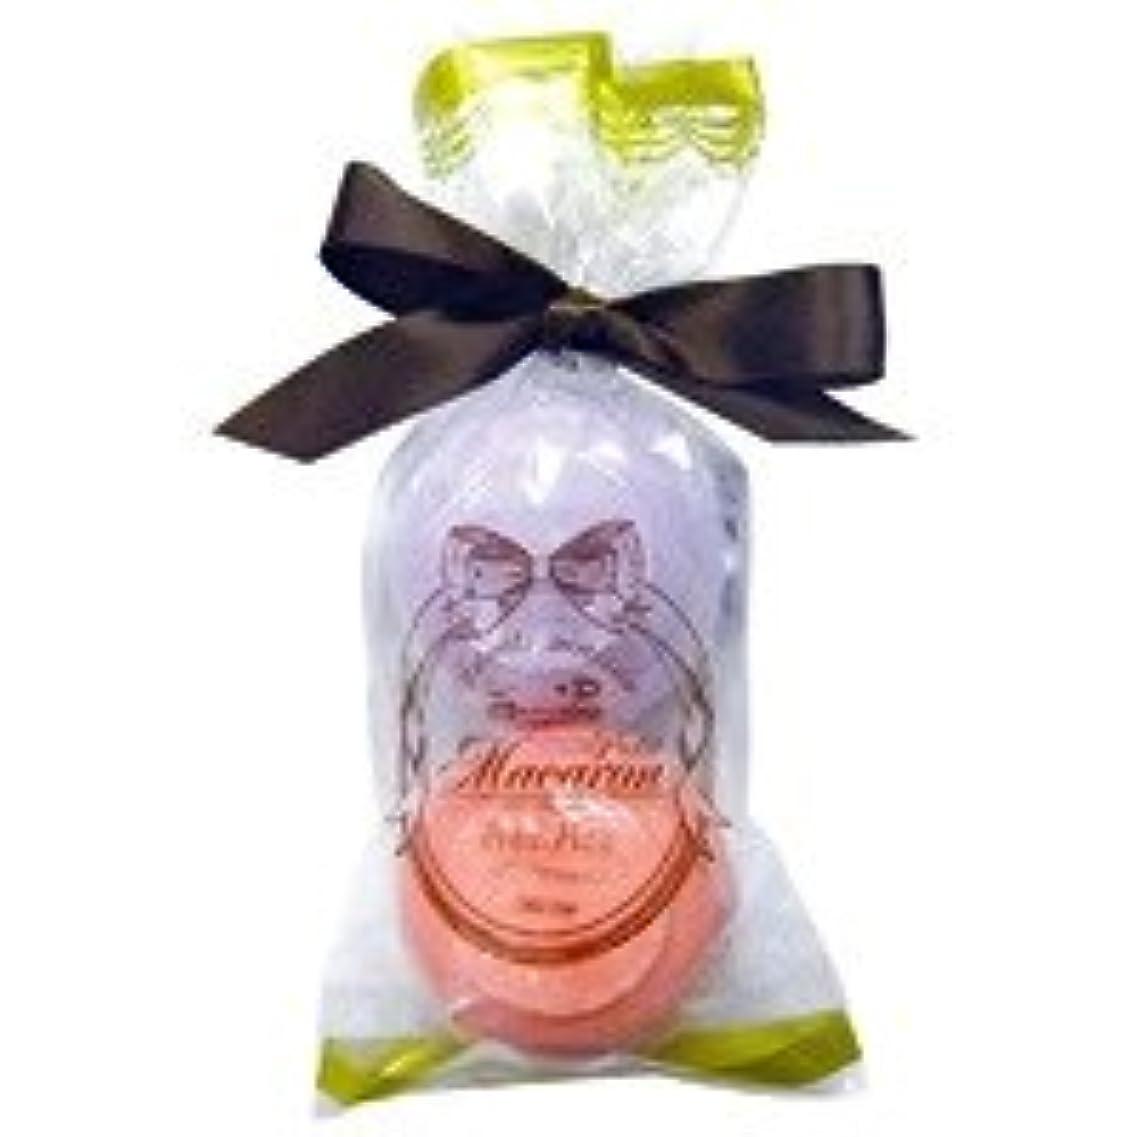 シード祭りゲームスウィーツメゾン プチマカロンミニセット「パープル&ダークピンク」6個セット フルーティーなザクロの香り&華やかなローズの香り